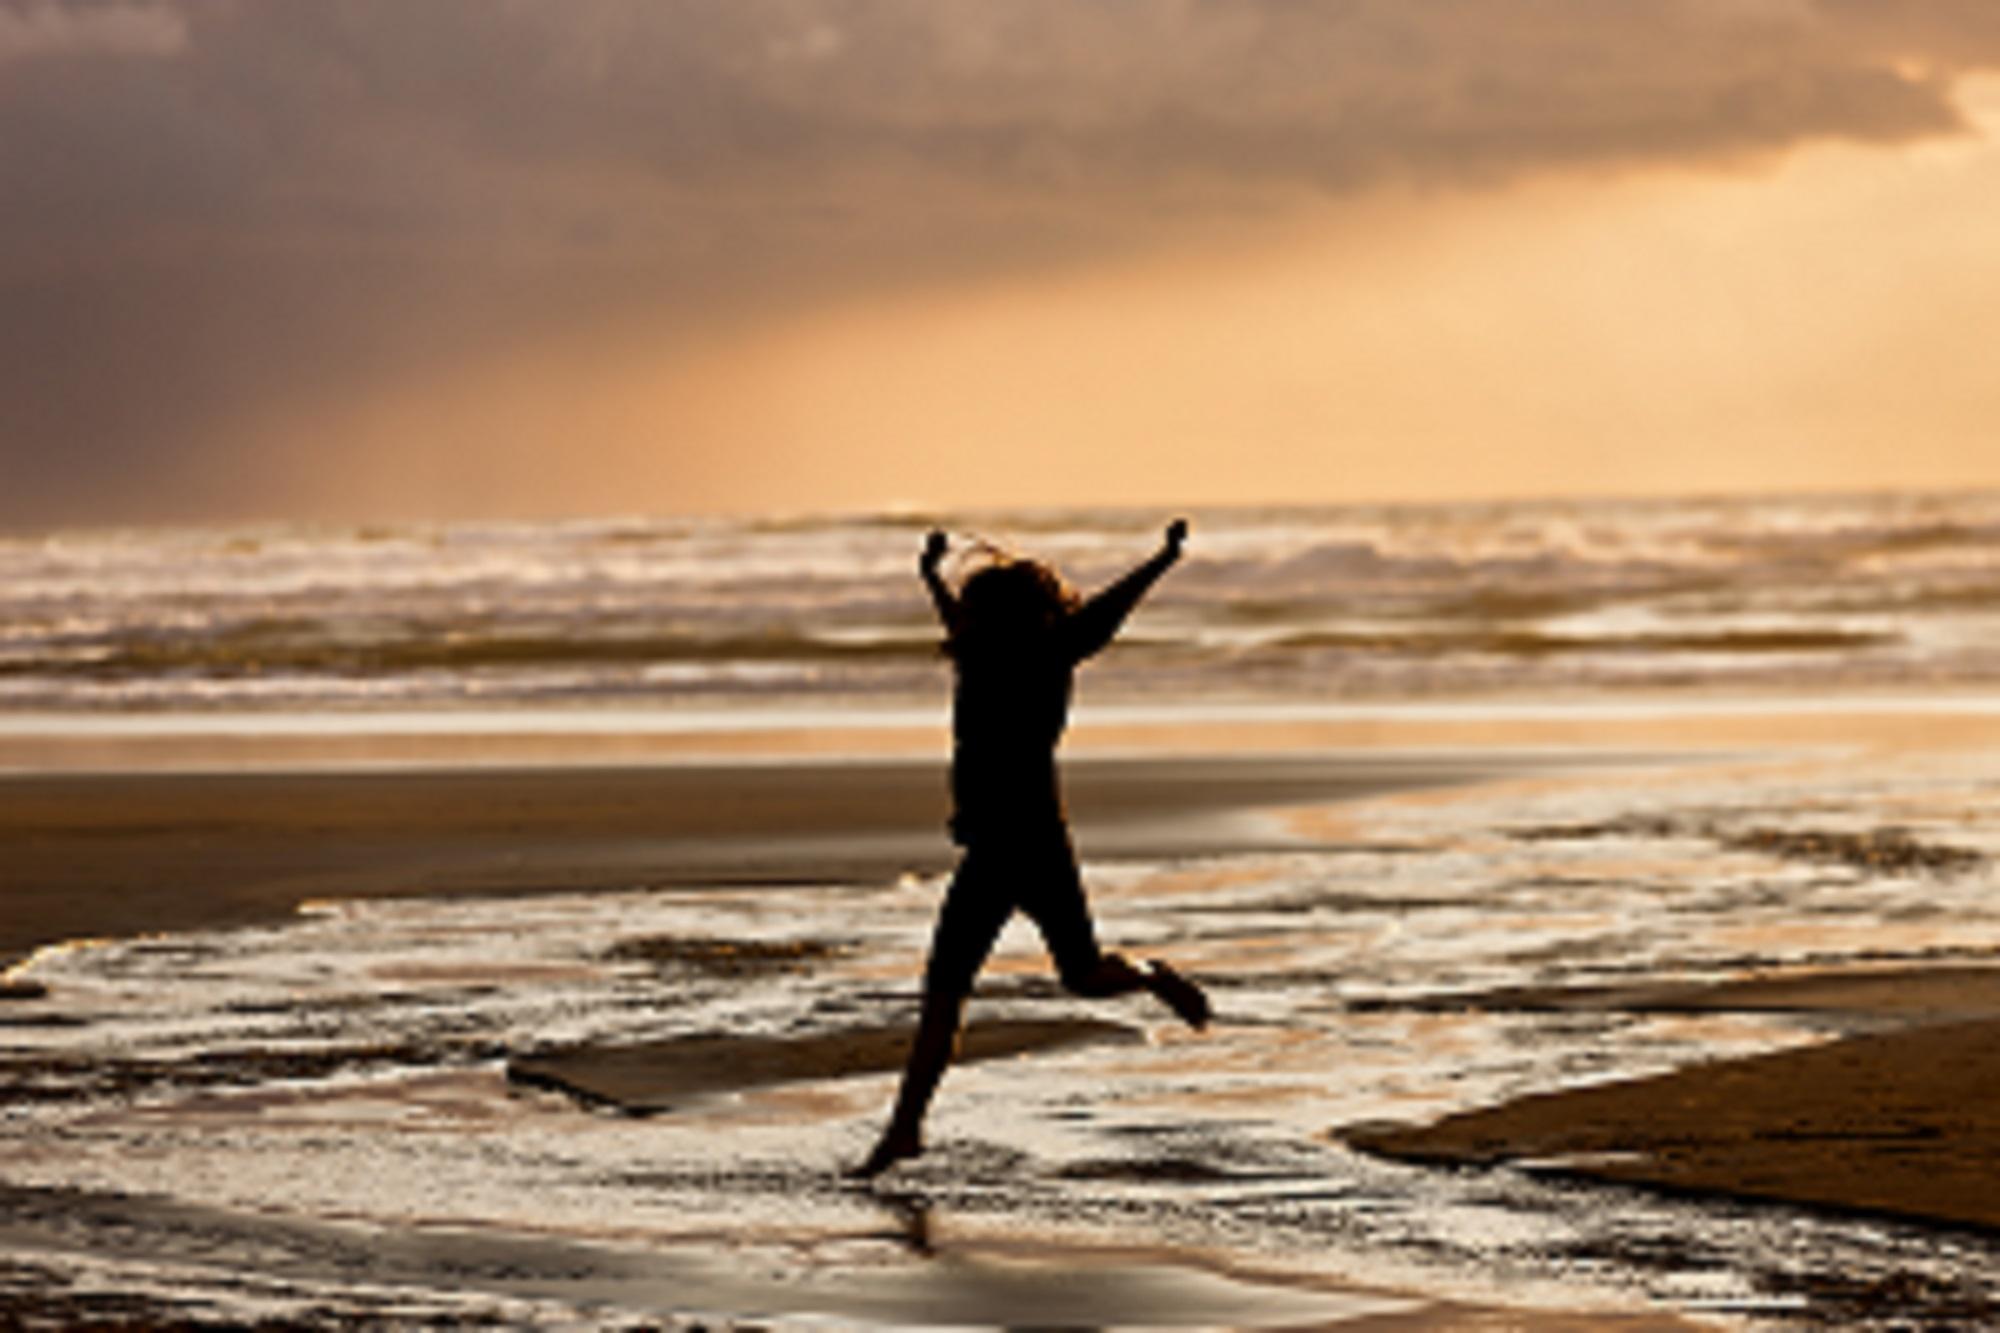 Jak najít smysl života a proč je důležité zamyslet se nad existencí člověka